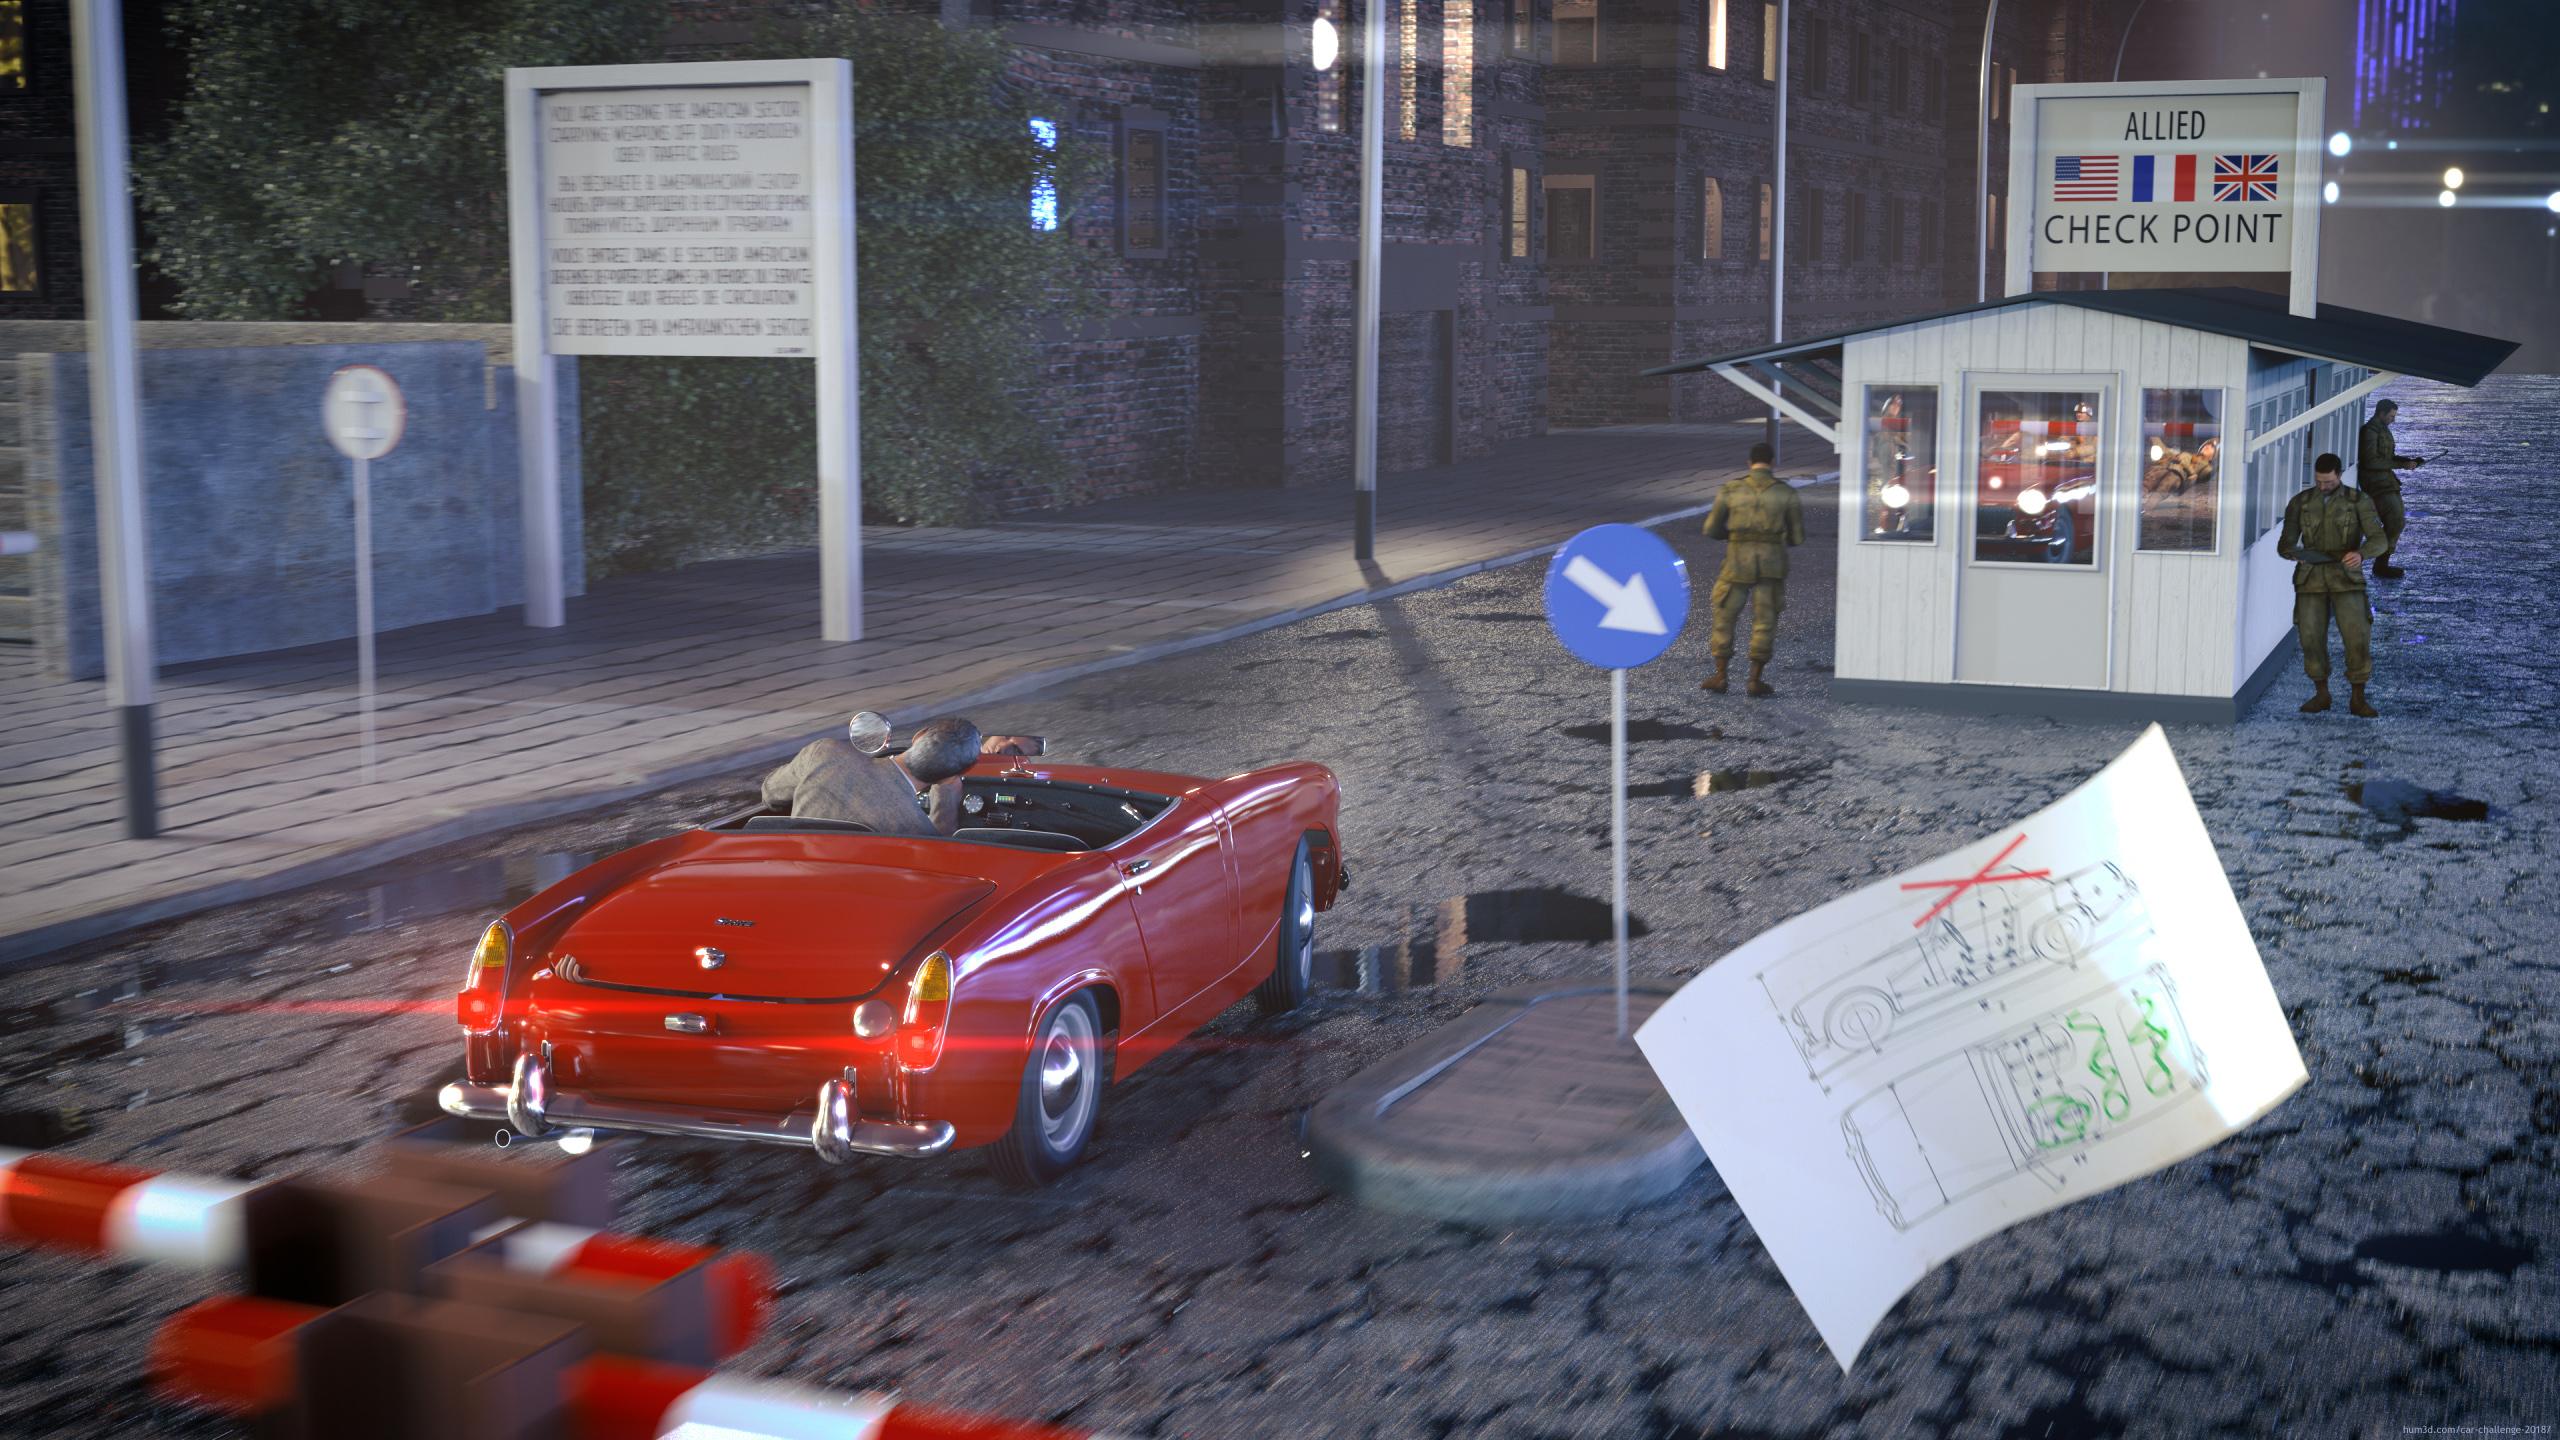 Austin Healey @ Checkpoint Charlie 3d art